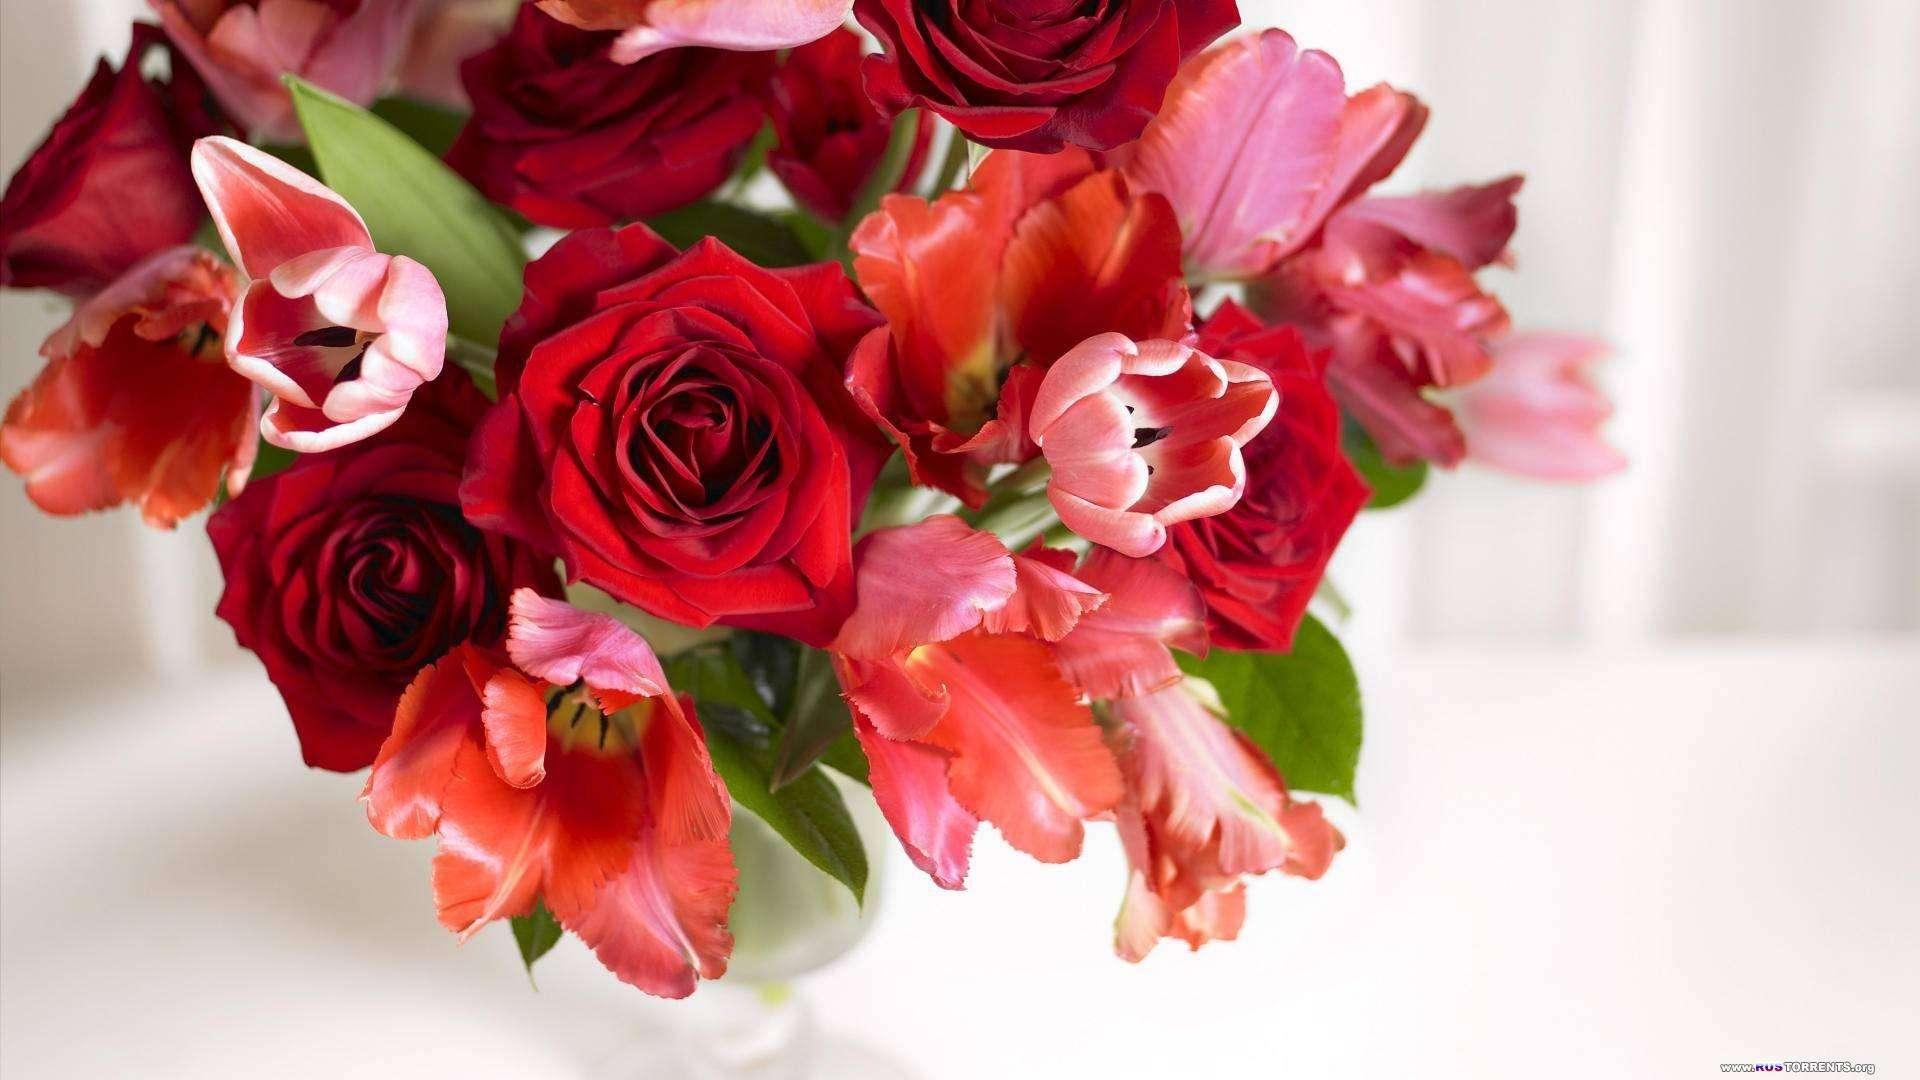 Обои для рабочего стола - Цветы